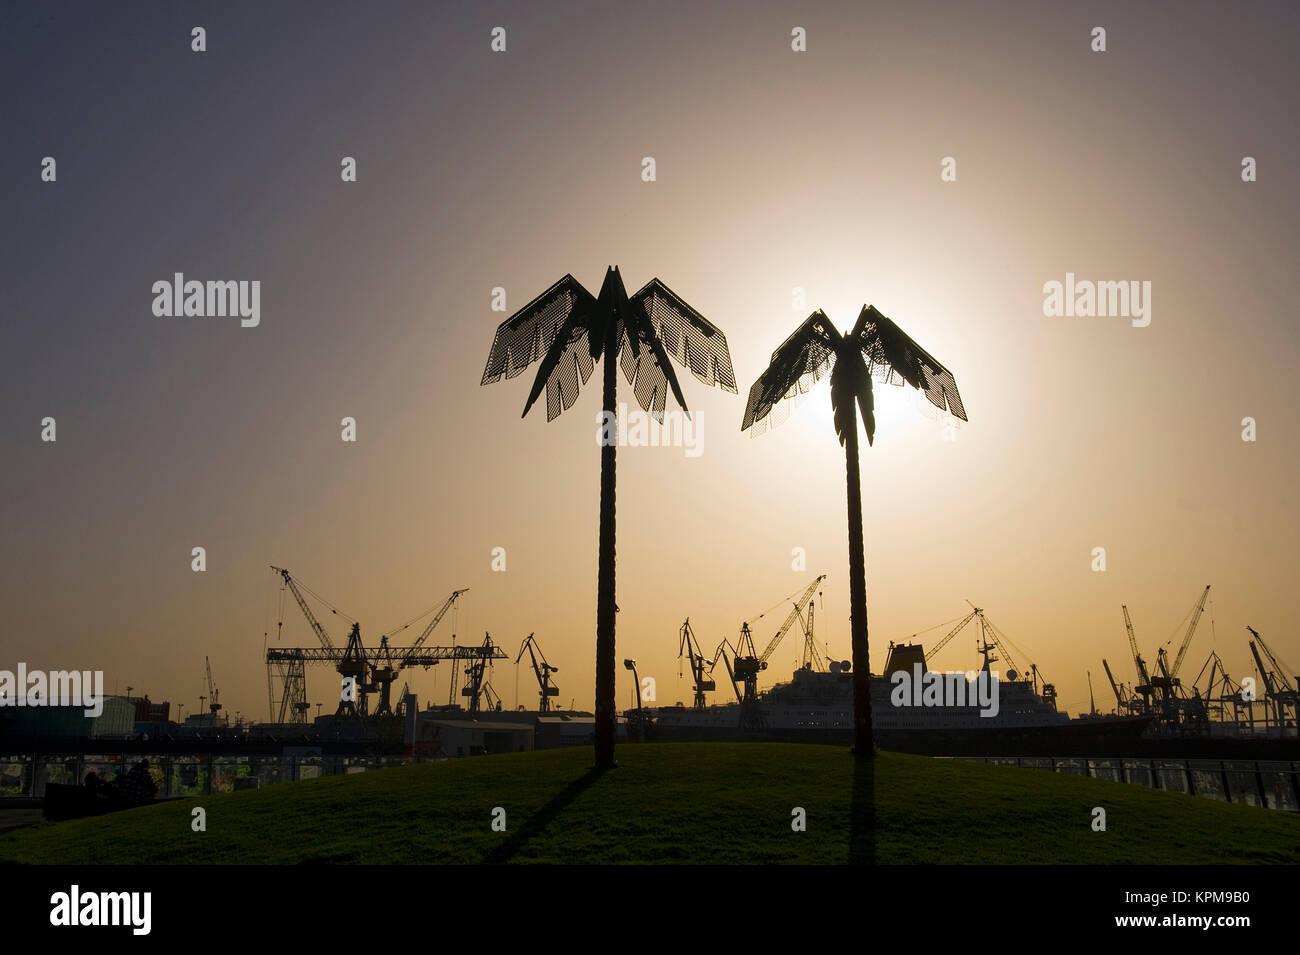 Hamburg, eine der schönsten und beliebtesten Reiseziele der Welt. Künstliche Palmen, Park Fiction, St. Stockbild